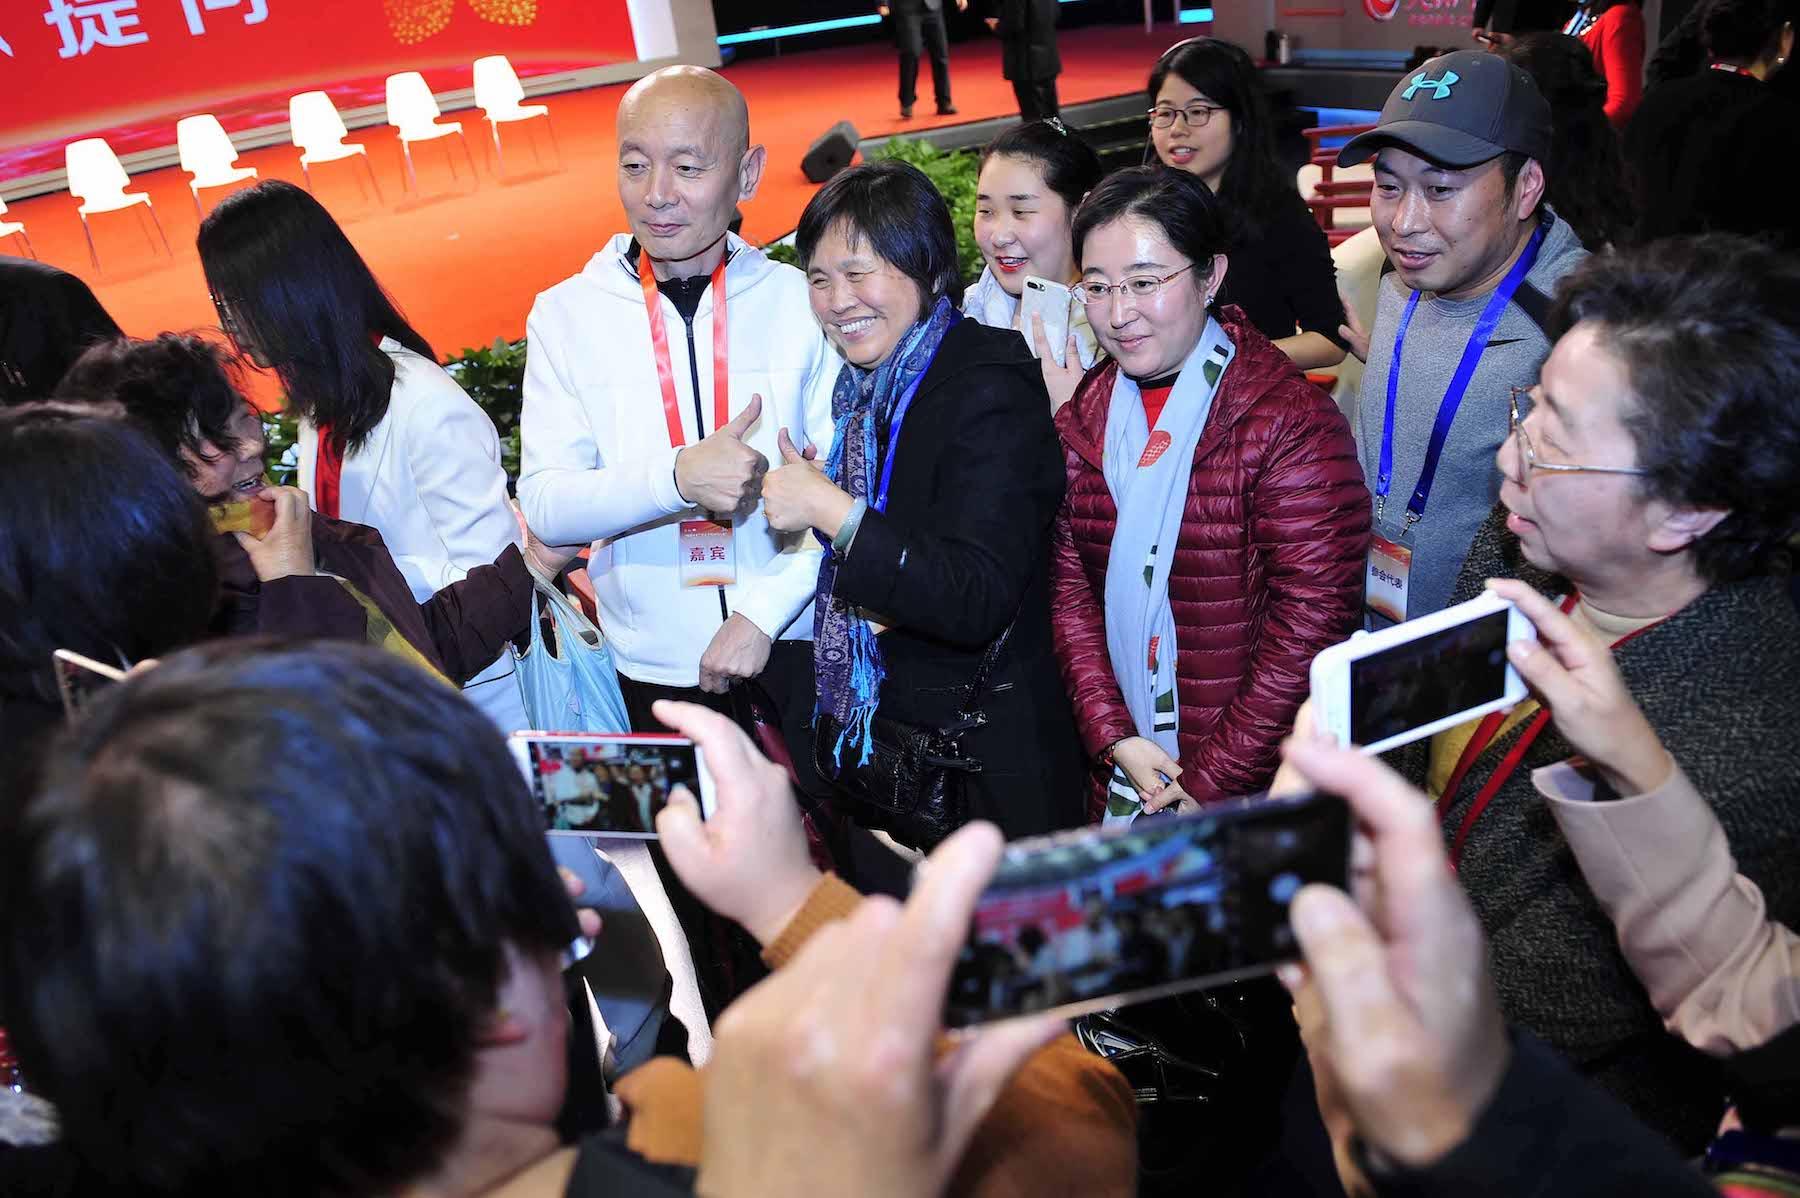 中国癌症基金会携手罗氏共建肿瘤防治平台